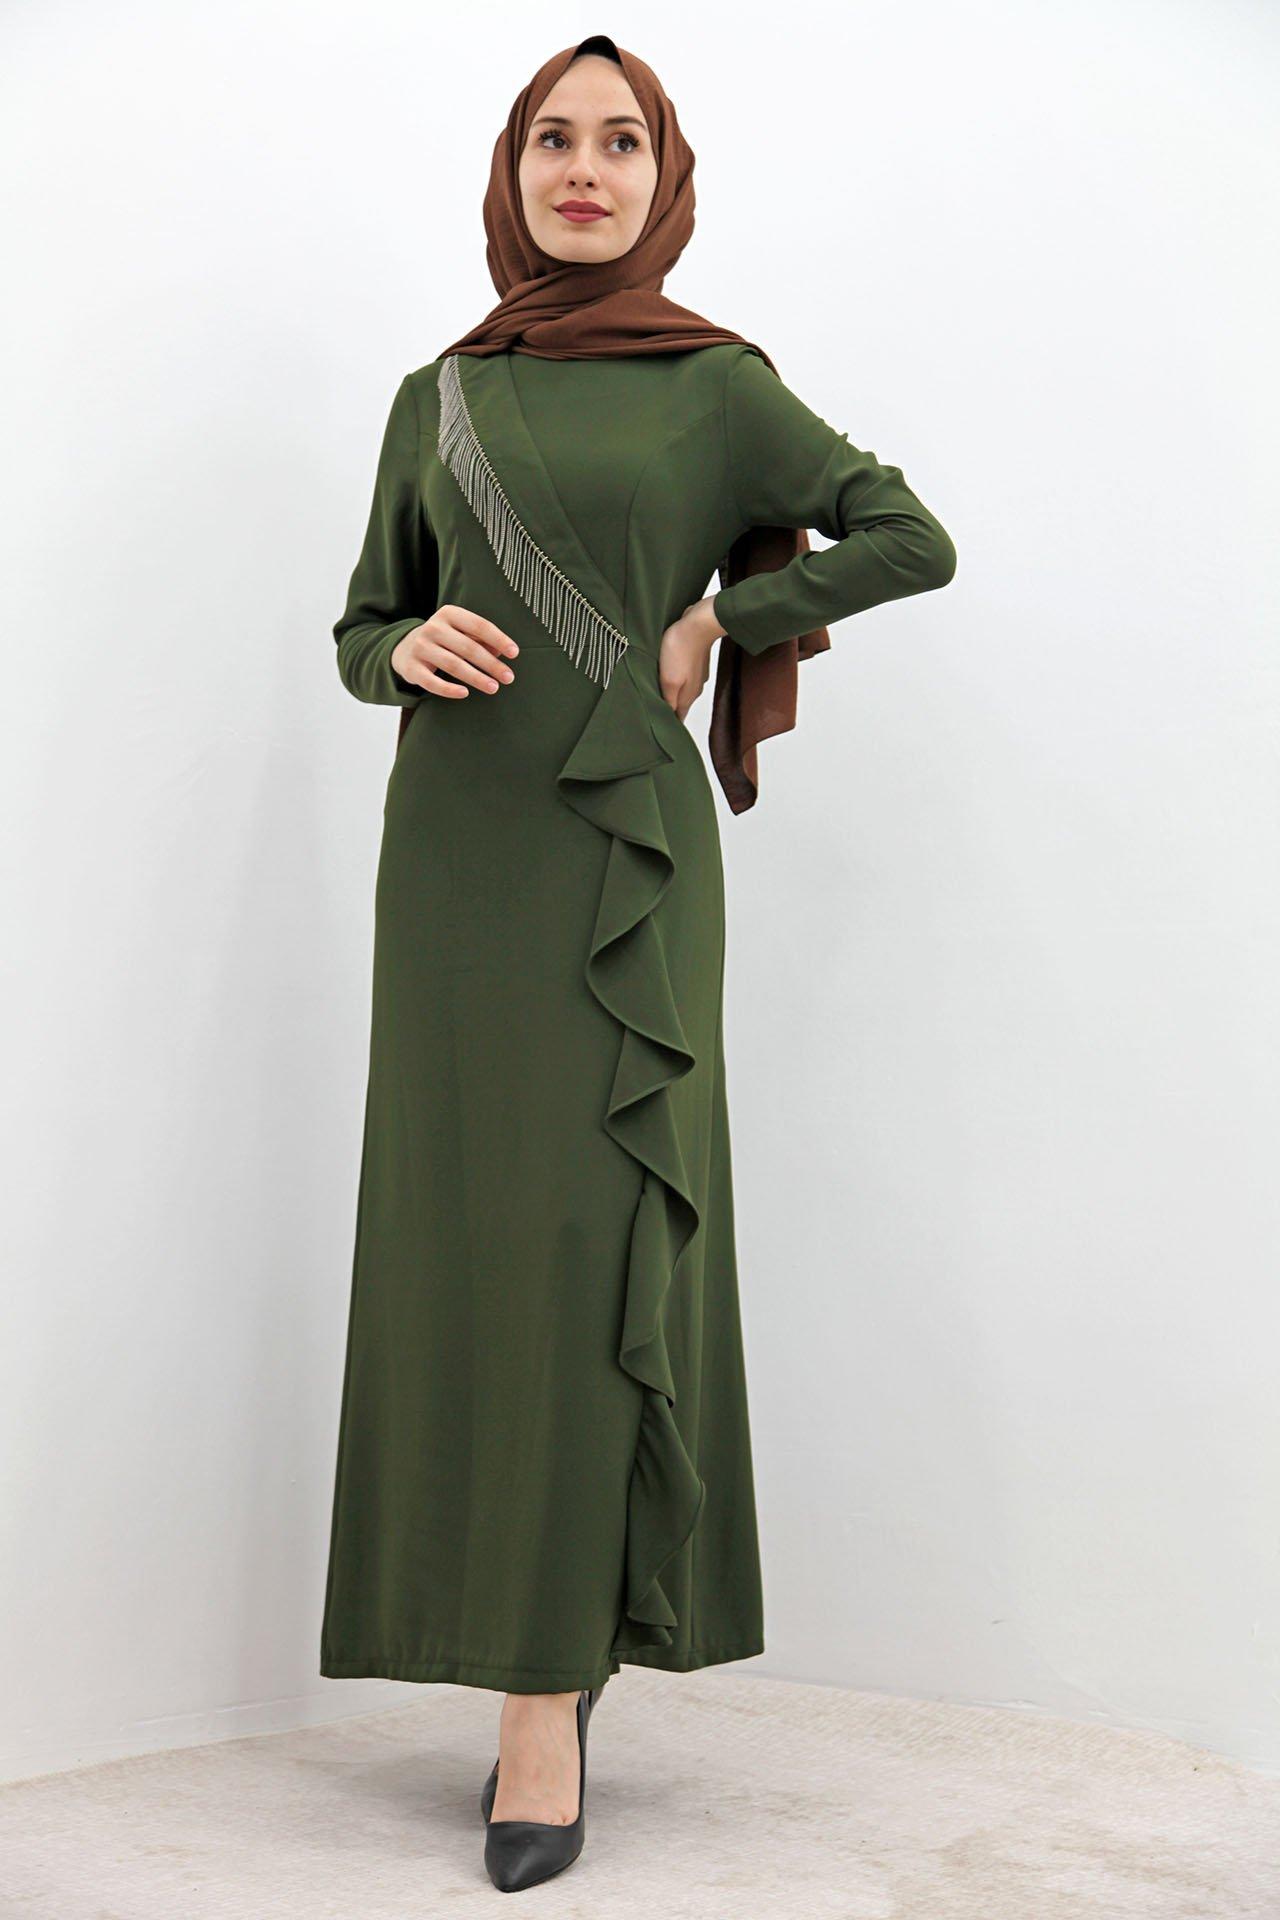 GİZAGİYİM - Eteği Dalgalı Kalem Elbise Kına yeşil